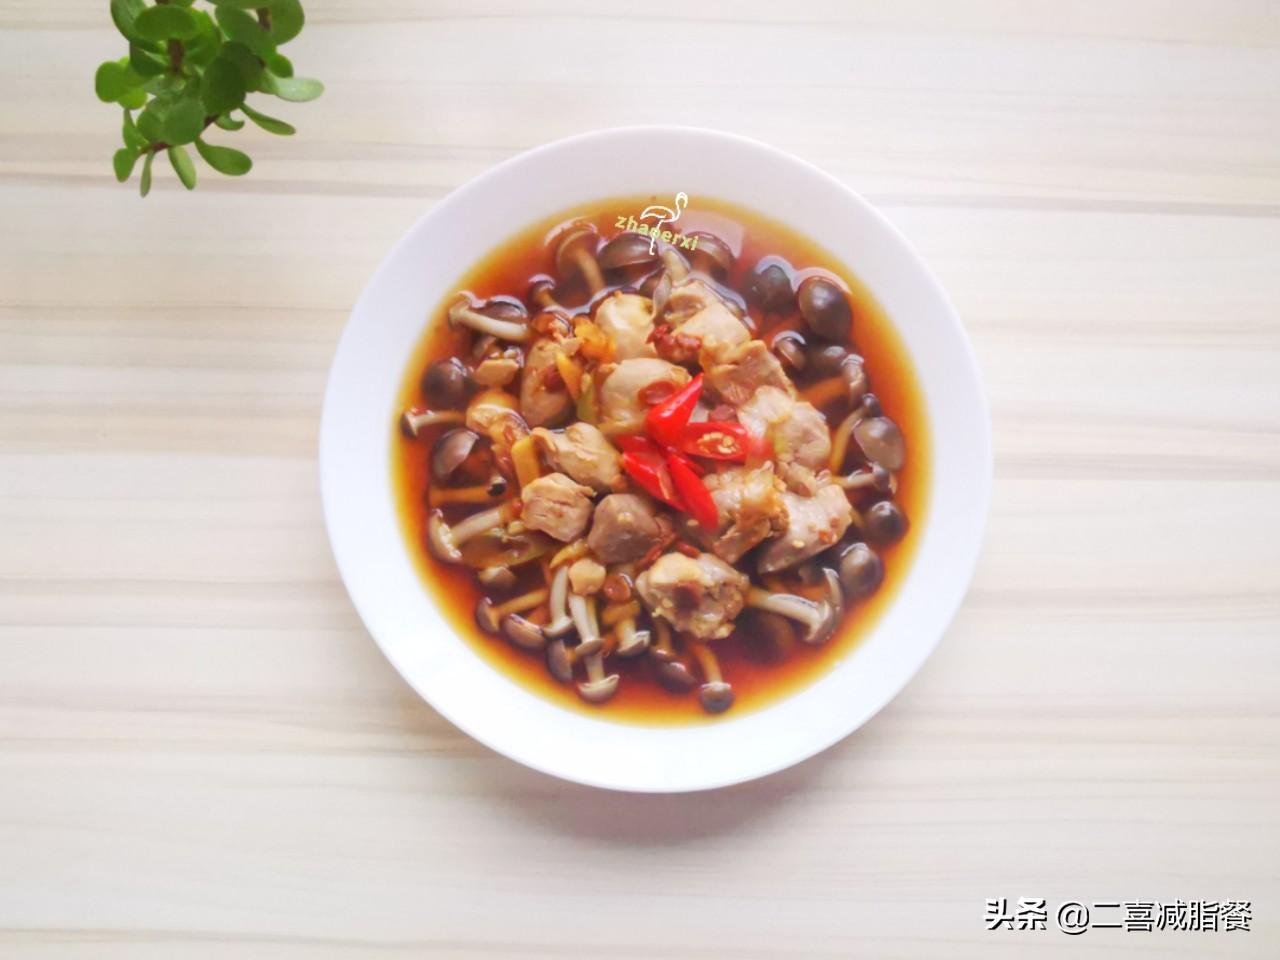 减脂的蟹味菇蒸鸡,多糖和高蛋白的完美结合 减肥菜谱做法 第6张